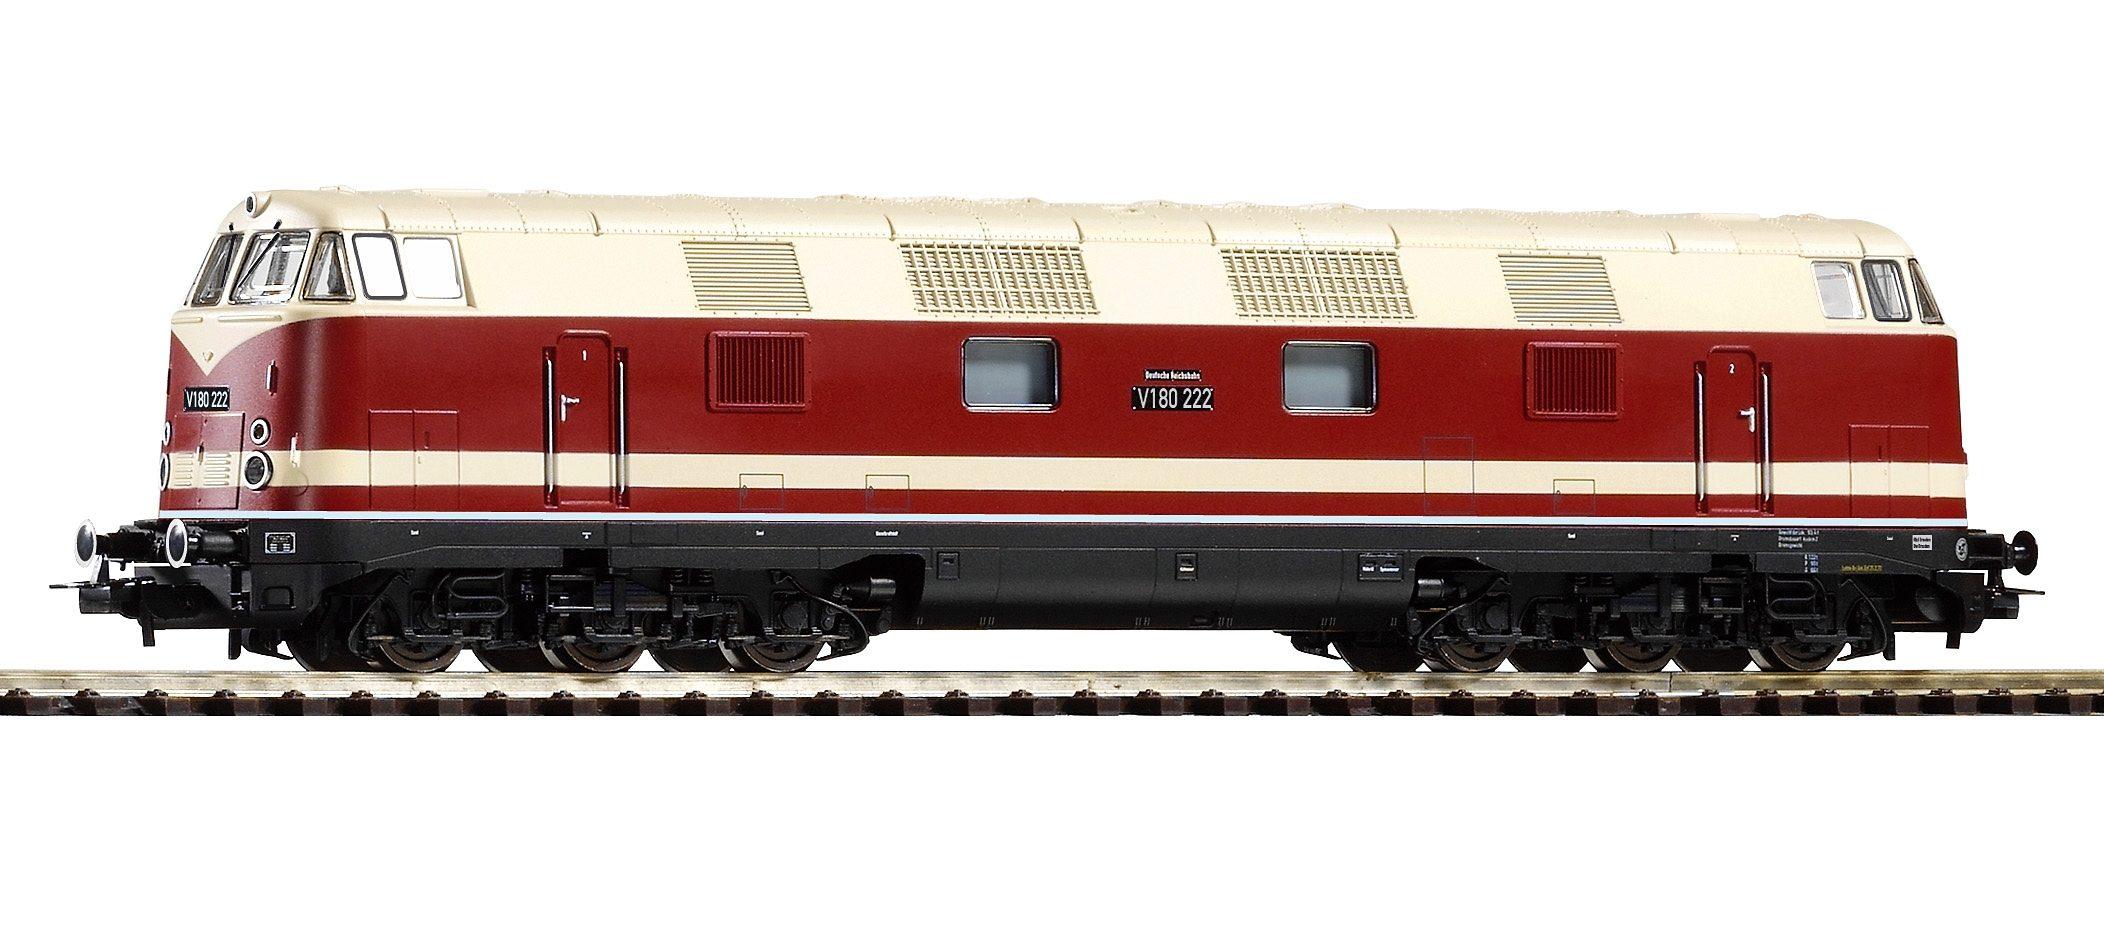 PIKO Diesellok, »Diesellokomotive V 180, 6-achsig, DR - Wechselstrom« Spur H0